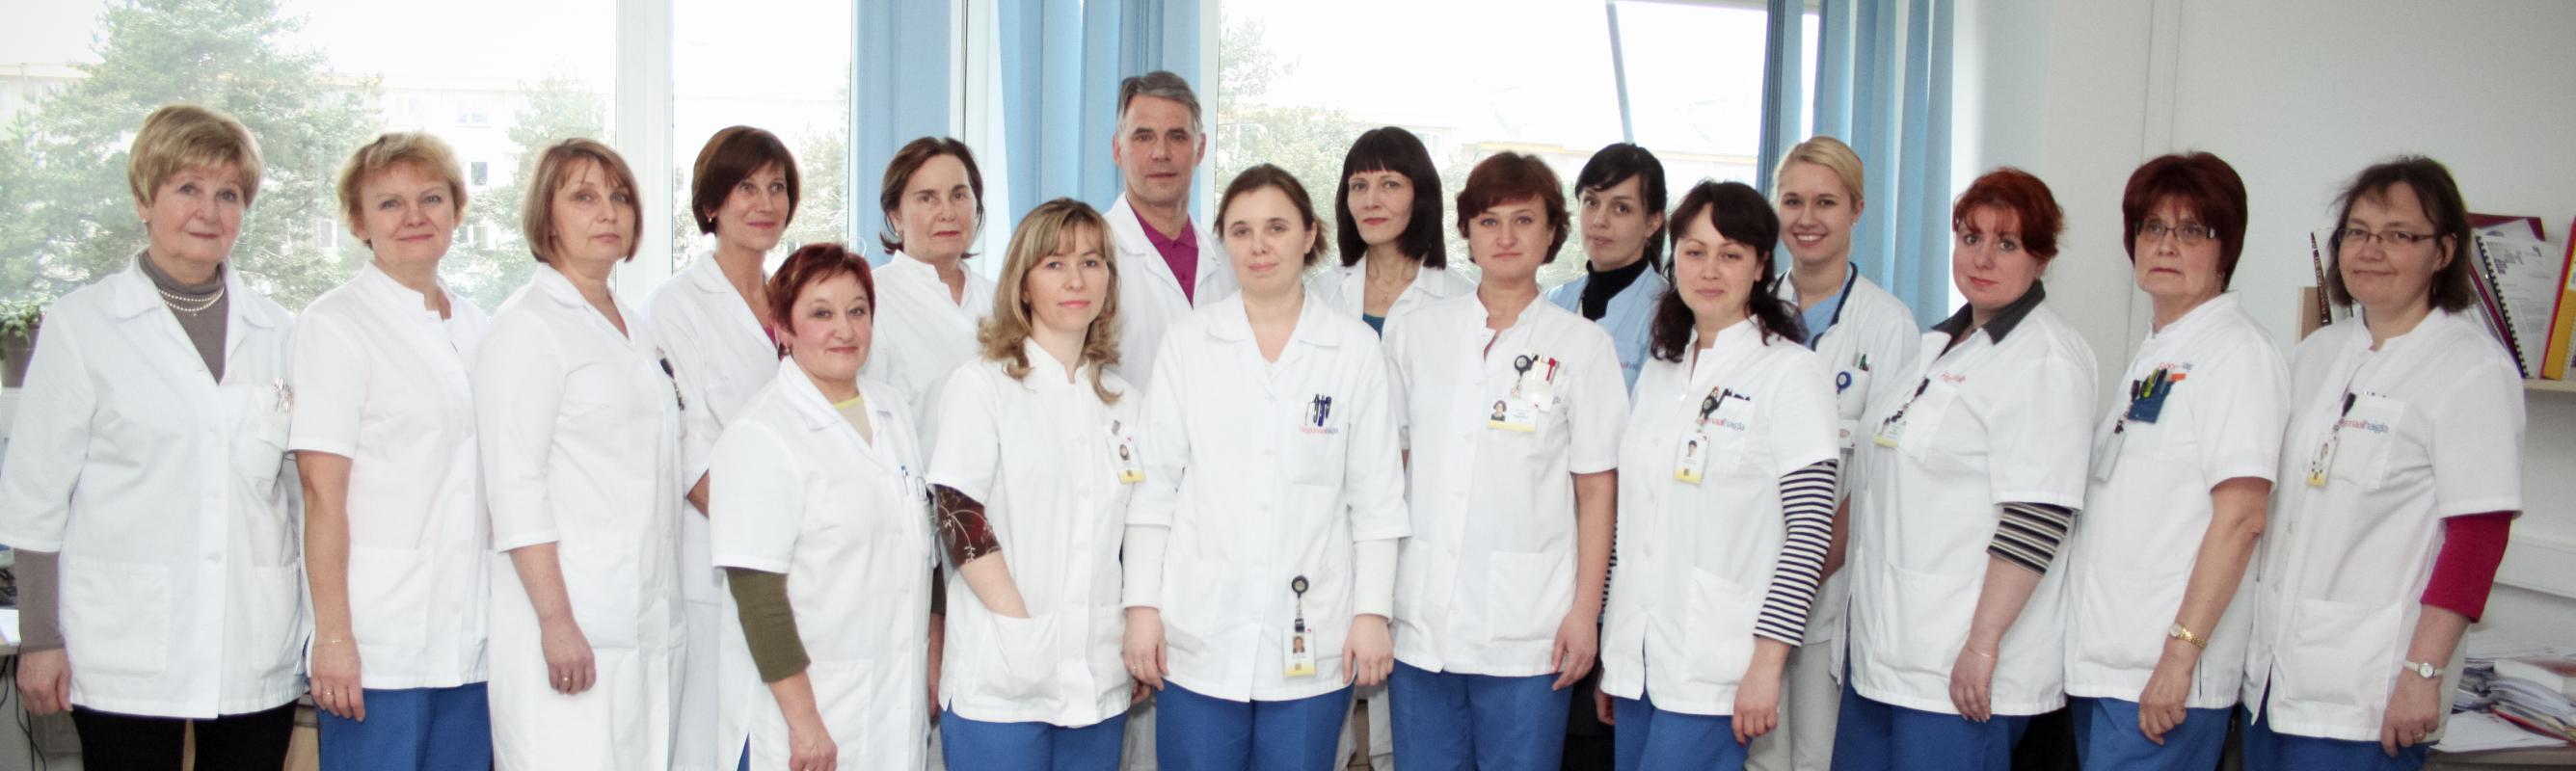 Funktsionaaldiagnostika osakonna töökas meeskond